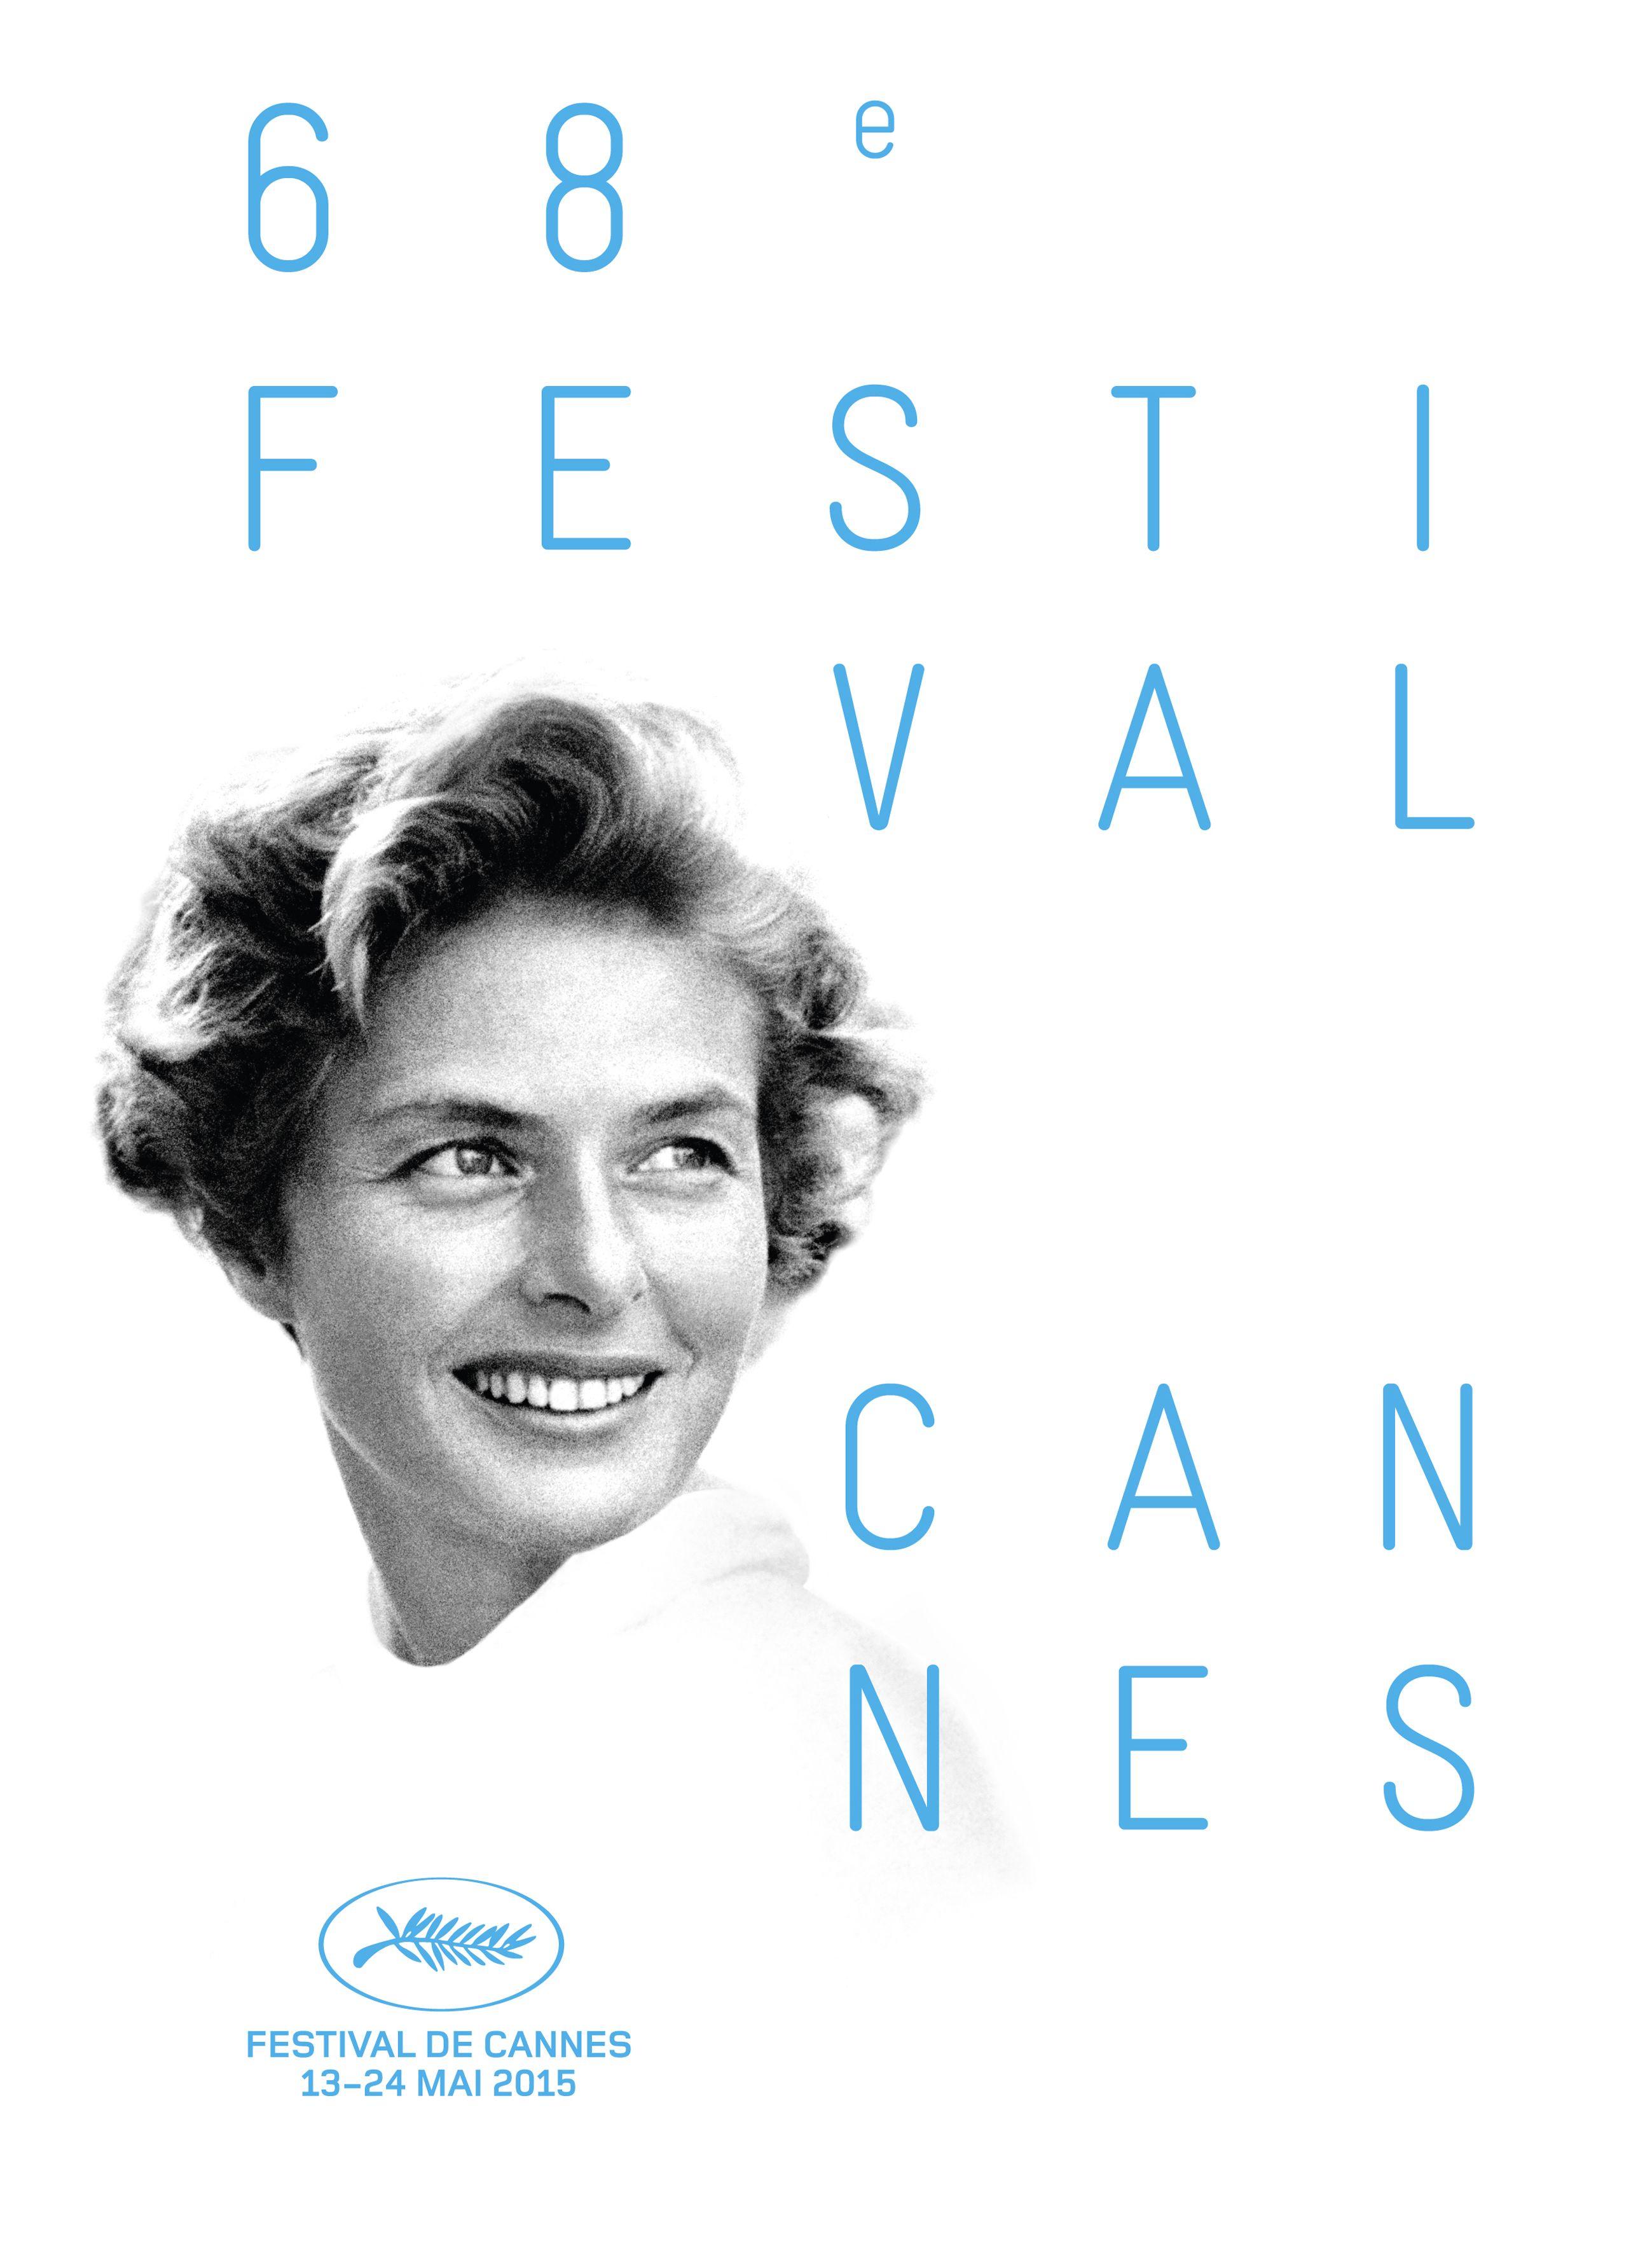 Cartaz oficial da 68ª edição do Festival de Cannes / David Seymour/Festival de Cannes/AFP